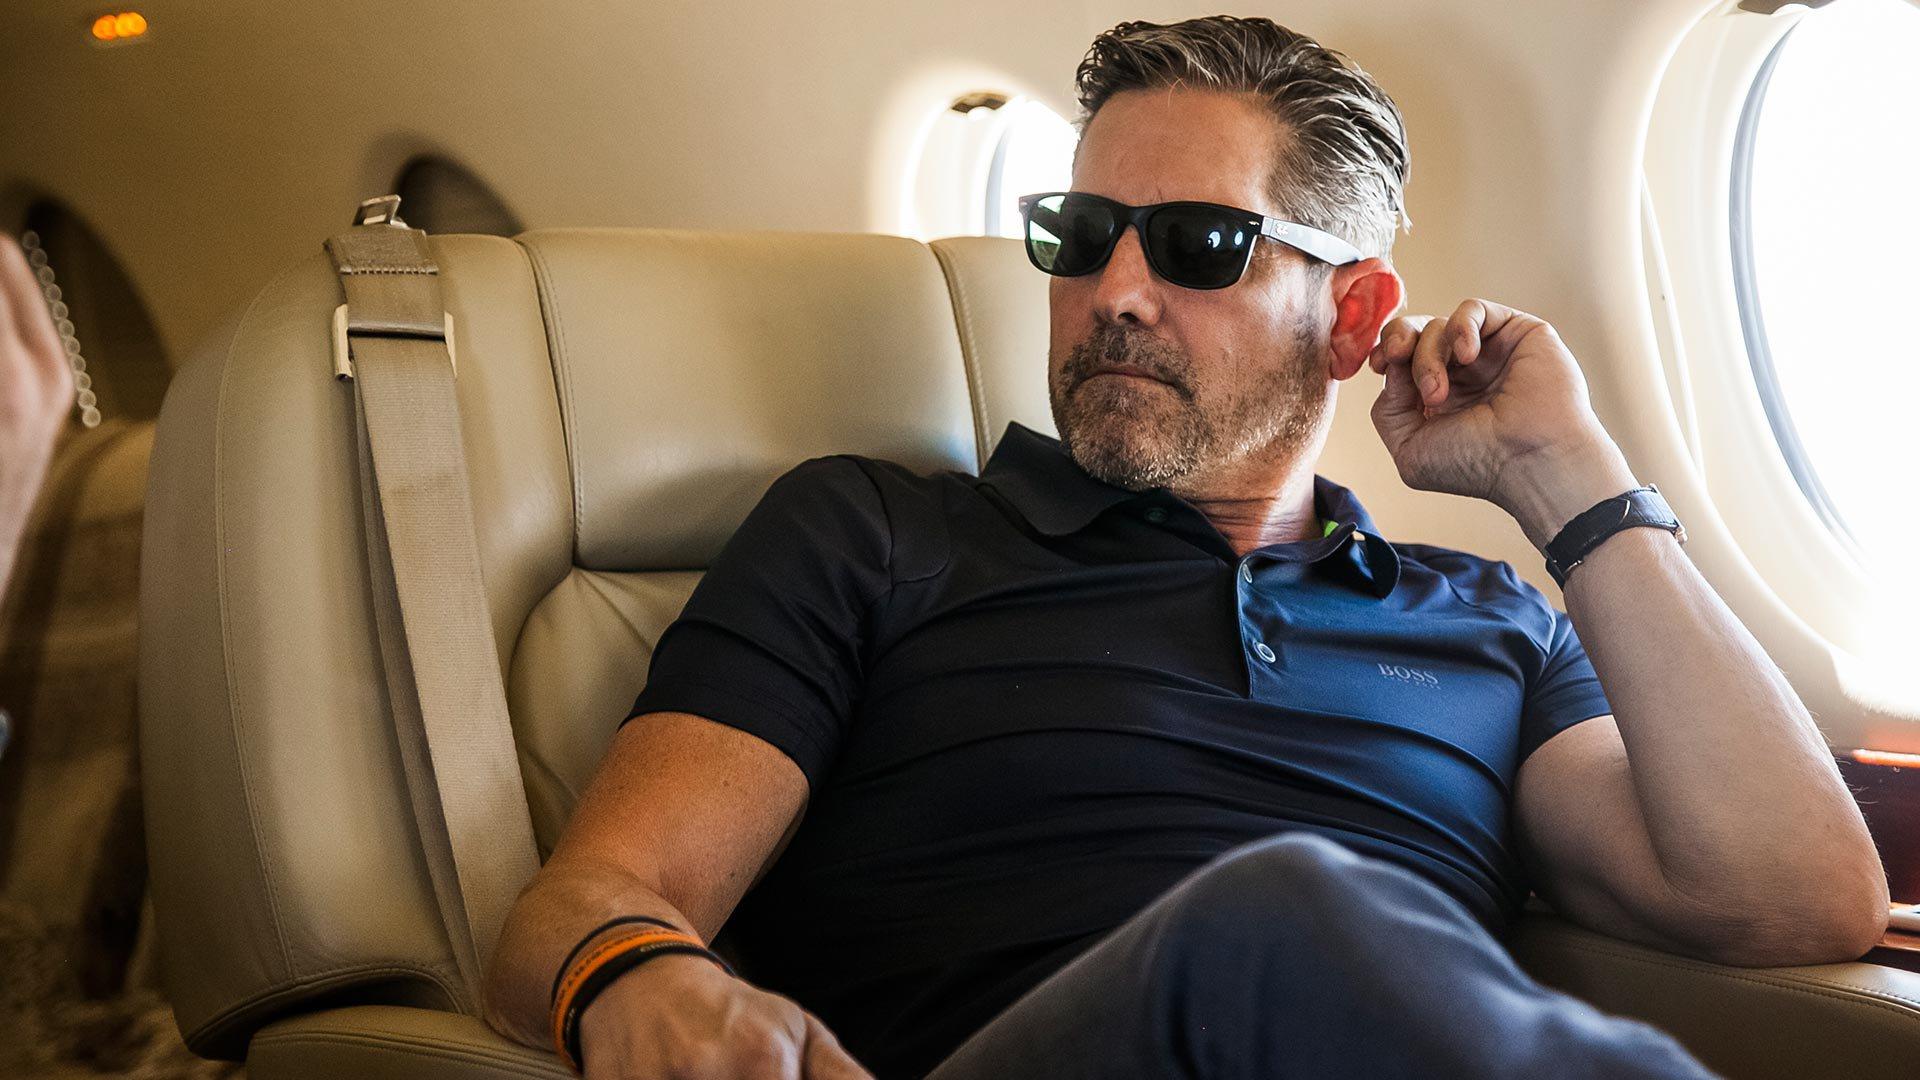 Diventare milionari a 30 anni. 8 dritte sui soldi da chi ce l'ha fatta